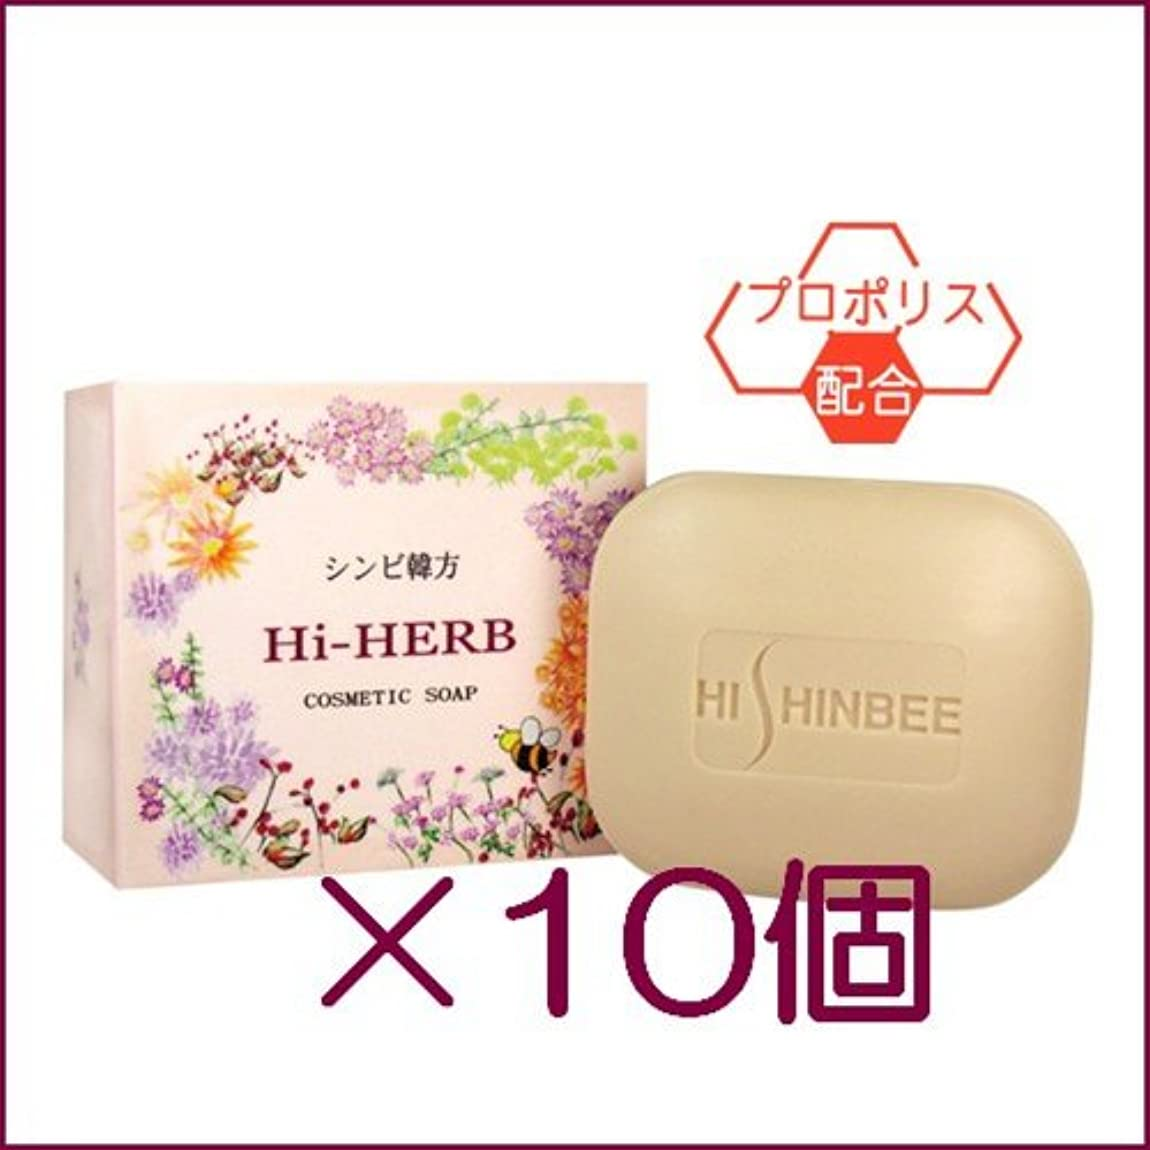 掻くタンパク質実行可能シンビ 韓方ハイハーブ石鹸 100g ×10個